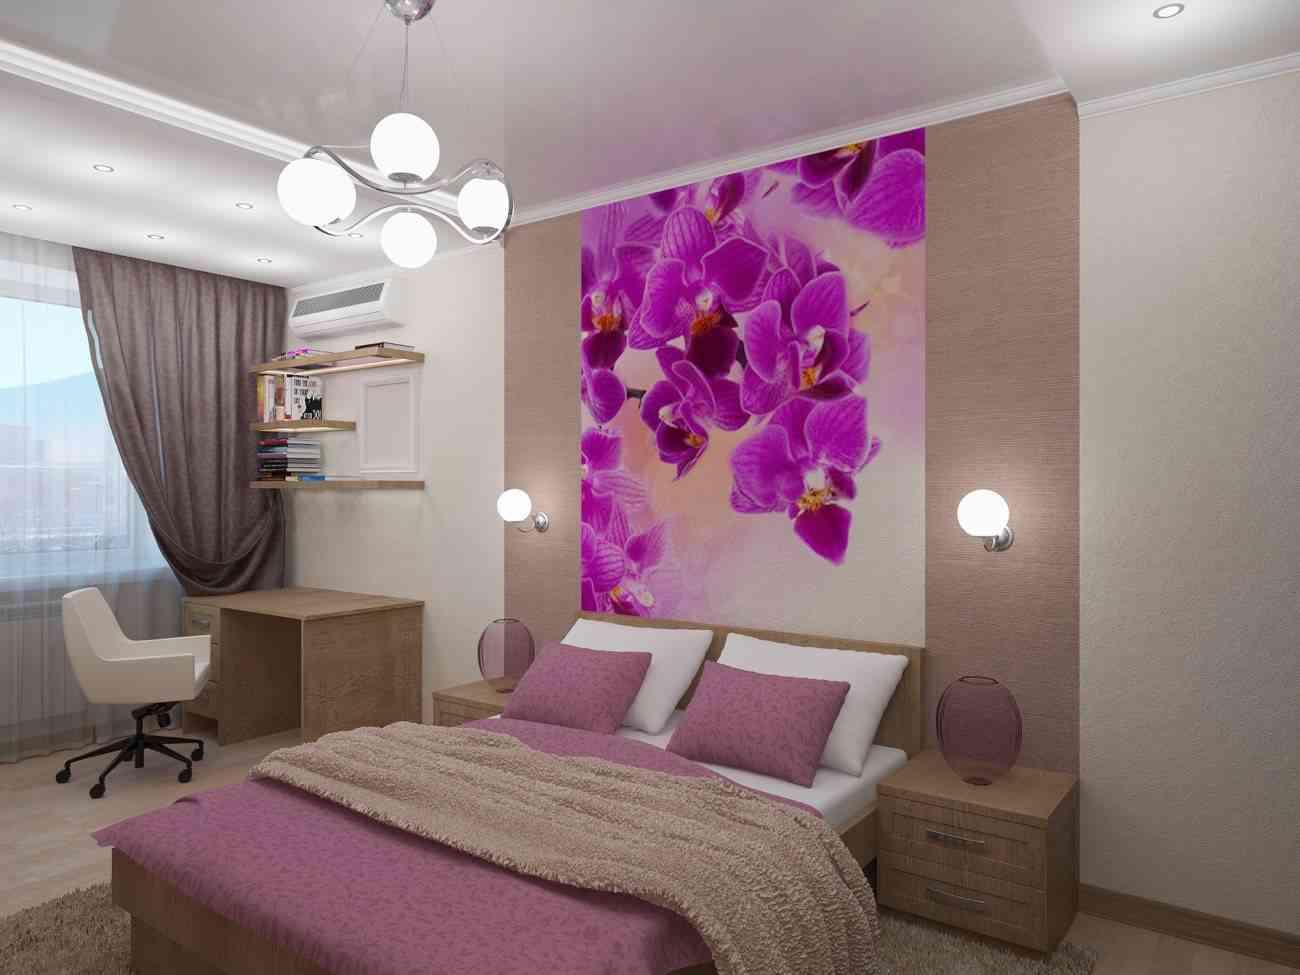 dormitorio bien decorado y acogedor - textiles